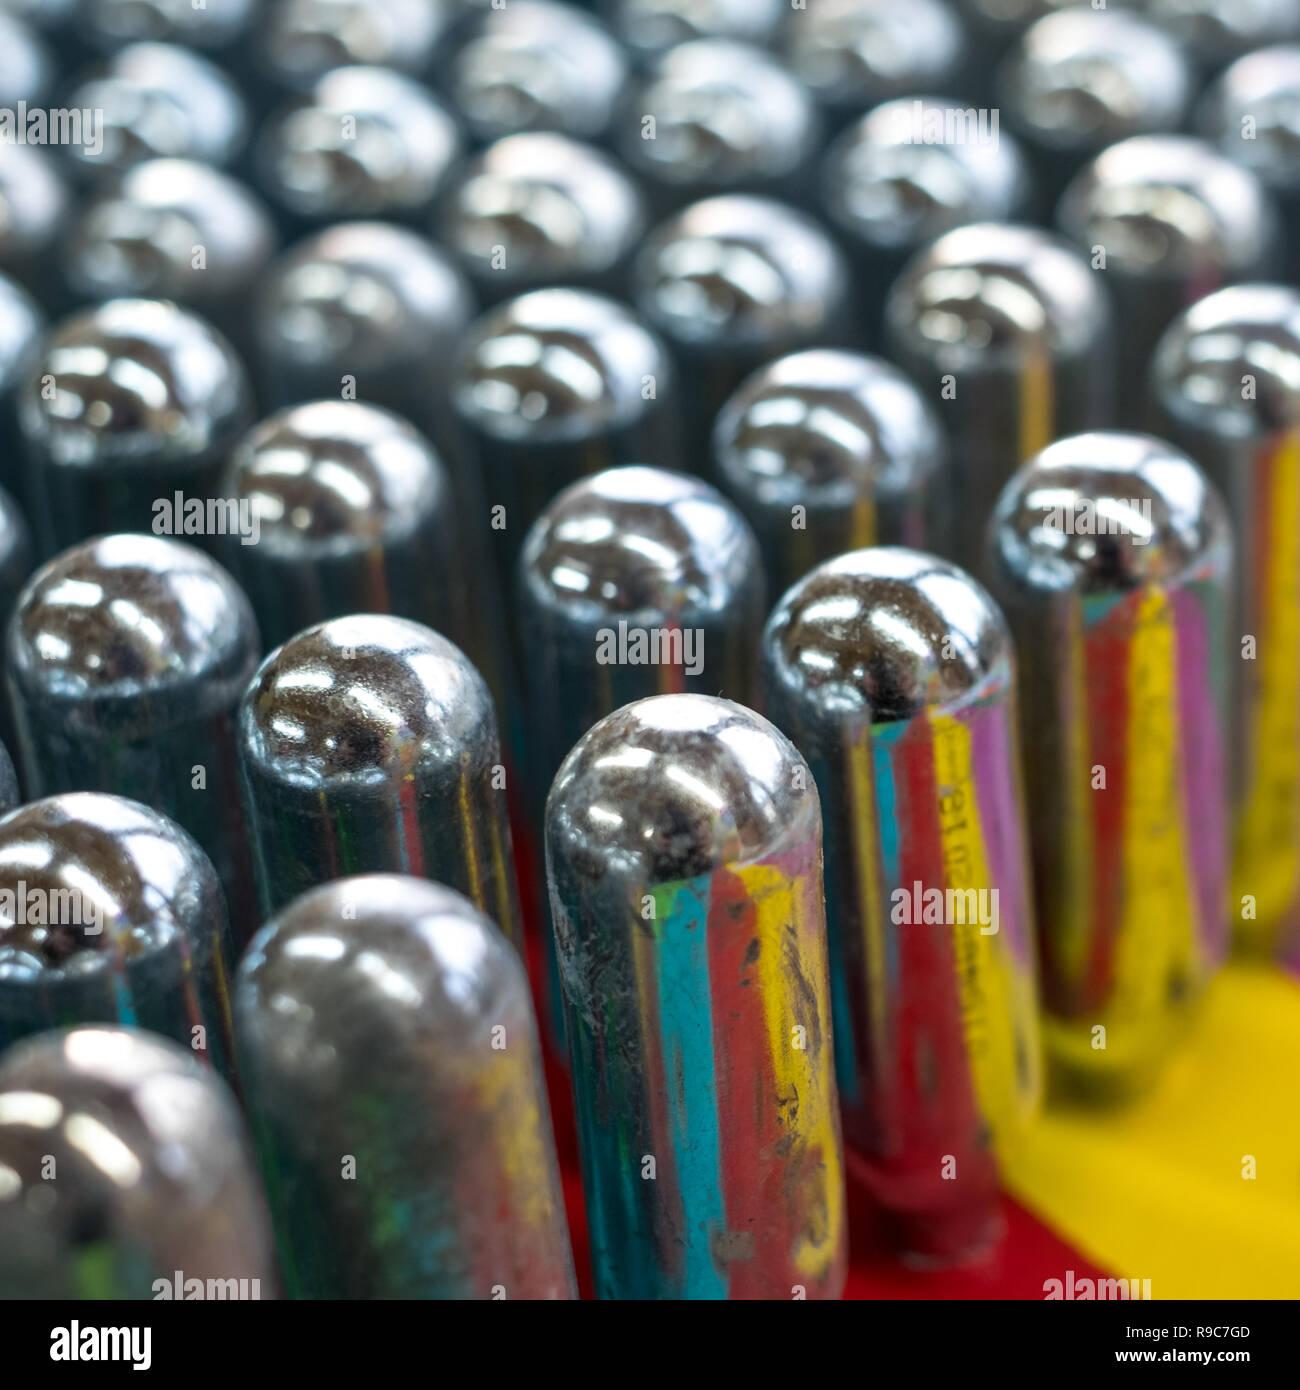 L'oxyde nitreux cannisters vide reflétant couleurs psychédéliques: cylindres de métal contenant de l'oxyde nitreux, utilisé pour la crème à fouetter, mais aussi comme un cadre juridique Banque D'Images